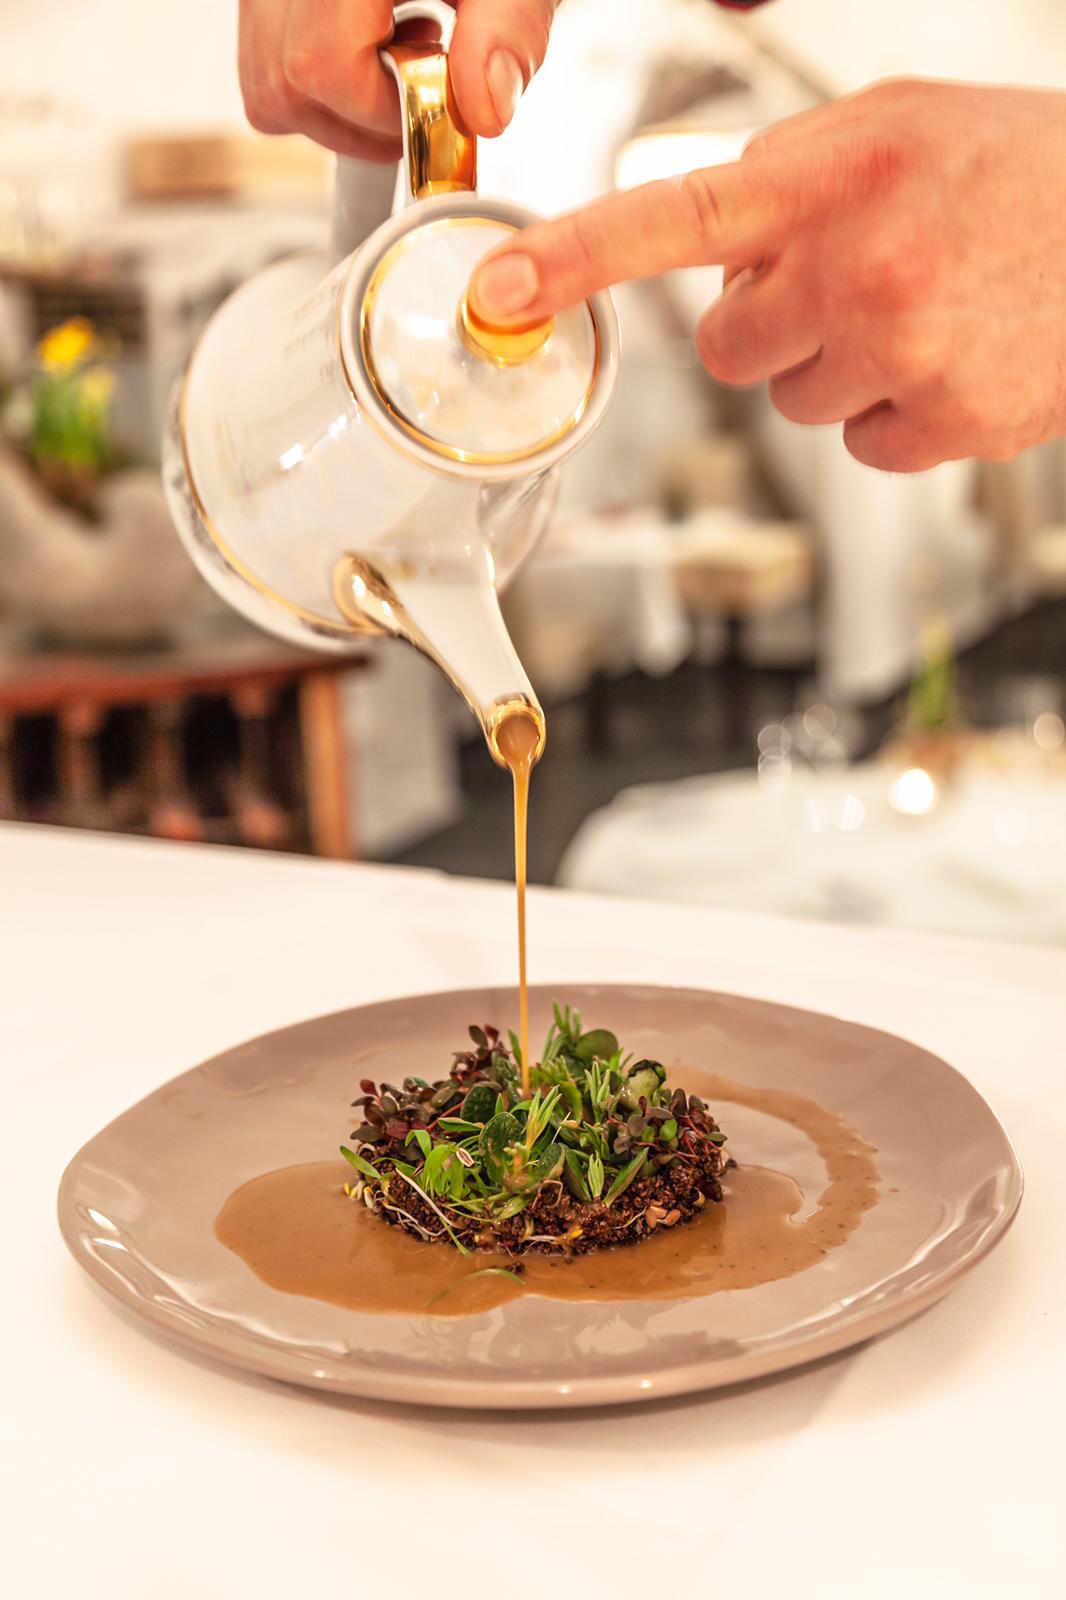 Kresse-Sprossen-Salat - Gericht im Restaurant Valentin Lindau